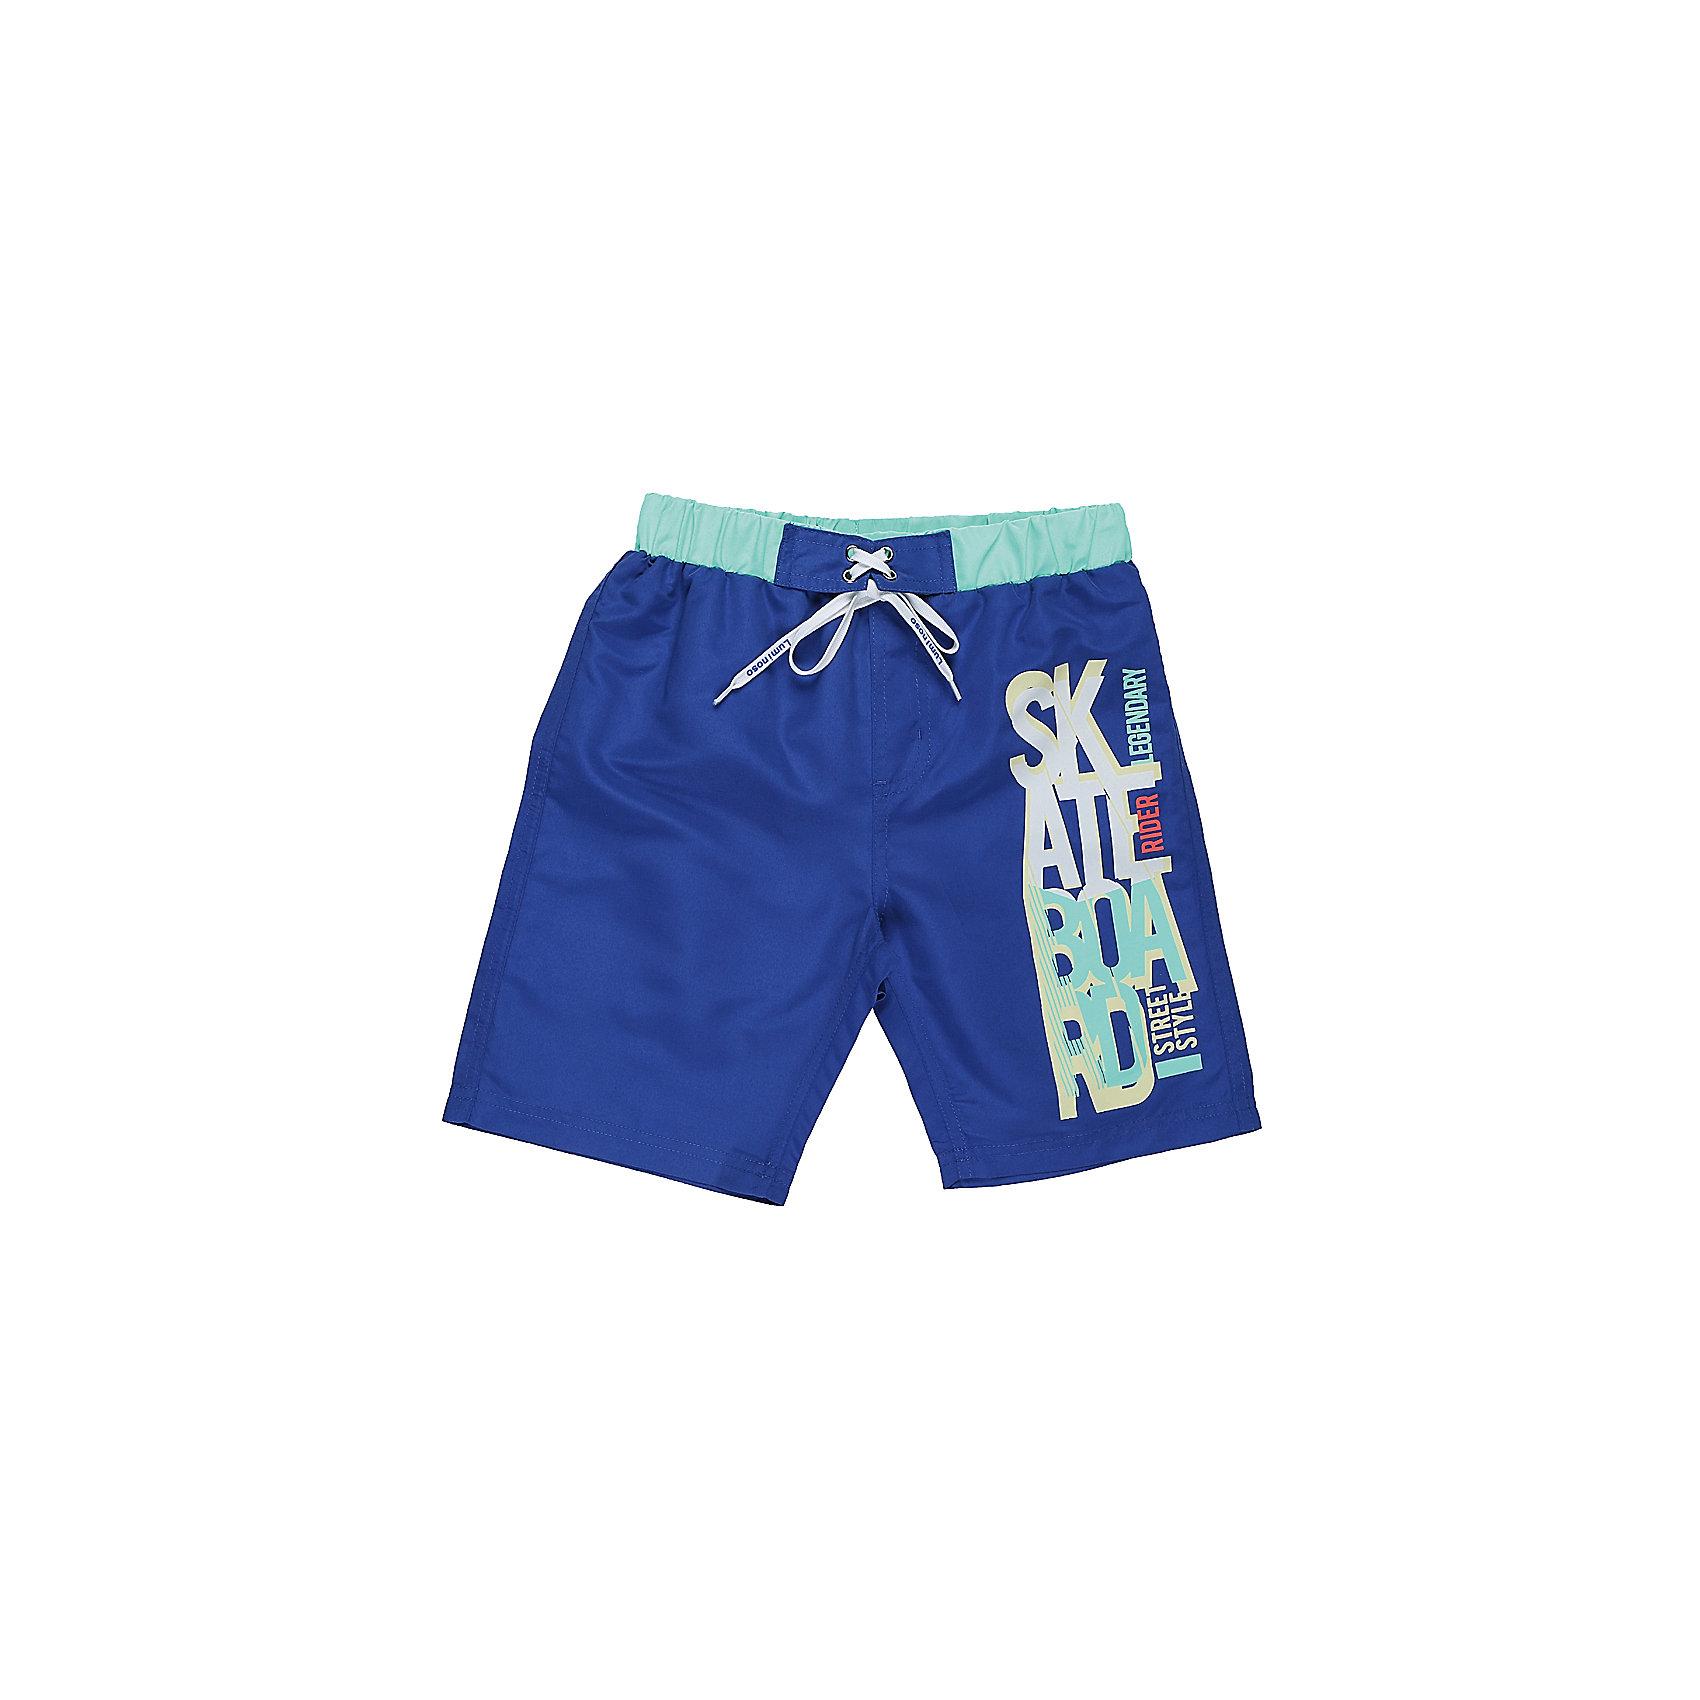 Шорты пляжные для мальчика LuminosoШорты пляжные для мальчика от известного бренда Luminoso.<br>Состав:<br>100% полиэстер<br><br>Ширина мм: 191<br>Глубина мм: 10<br>Высота мм: 175<br>Вес г: 273<br>Цвет: разноцветный<br>Возраст от месяцев: 96<br>Возраст до месяцев: 108<br>Пол: Мужской<br>Возраст: Детский<br>Размер: 134,140,146,152,158,164<br>SKU: 5409562